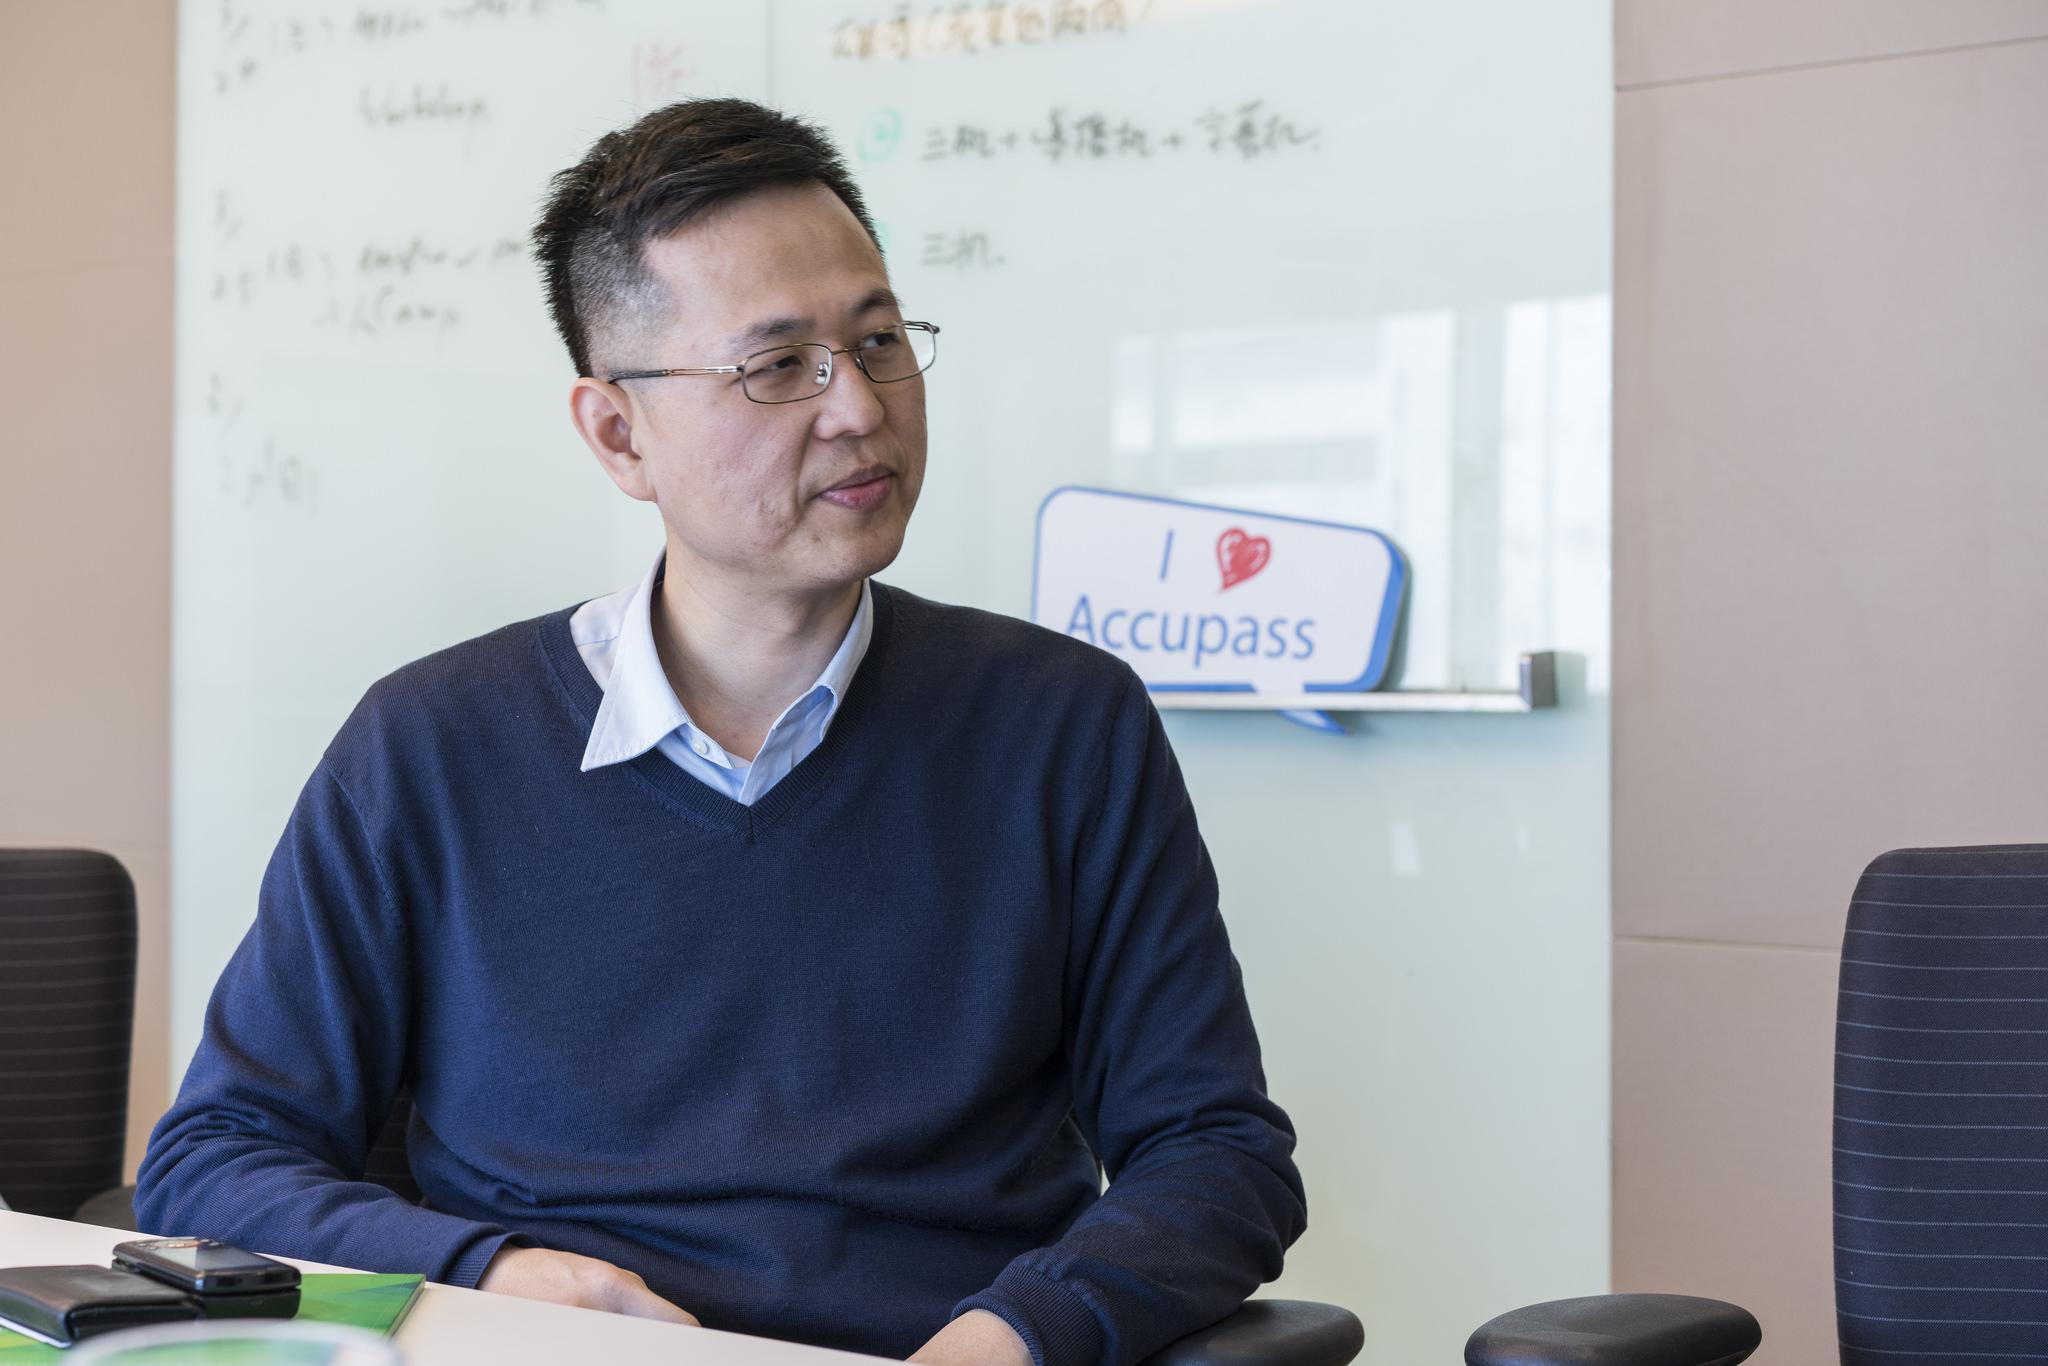 【生活誌專訪】ATCC行政總監-曹立榮。當商管學生不是CEO,要如何做到學以致用?